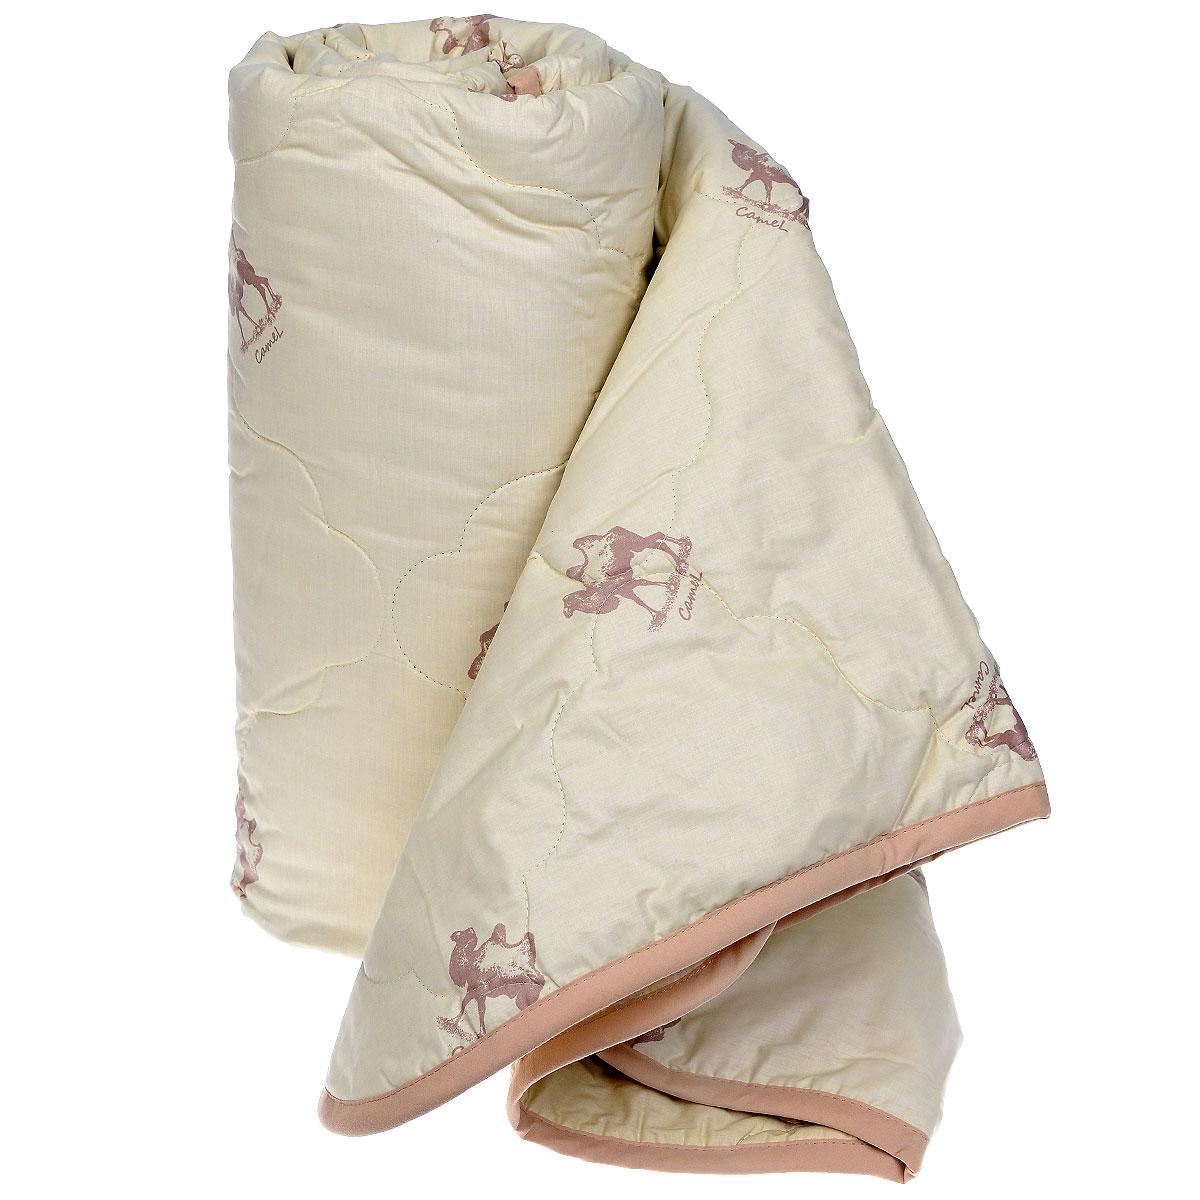 Одеяло Sova & Javoronok, наполнитель: верблюжья шерсть, цвет: бежевый, 200 см х 220 см012H1800Чехол одеяла Sova & Javoronok выполнен из высококачественного плотного материала тик (100% хлопок). Наполнитель одеяла изготовлен из верблюжьей шерсти. Стежка надежно удерживает наполнитель внутри и не позволяет ему скатываться. Особенности наполнителя:- исключительные терморегулирующие свойства;- высокое качество прочеса и промывки шерсти;- великолепные ощущения комфорта и уюта. Верблюжья шерсть обладает целебными качествами, содержит наиболее высокий процент ланолина (животного воска), который является природным антисептиком и благоприятно воздействует на организм по целому ряду показателей: оказывает благотворное действие на мышцы, суставы, позвоночник, нормализует кровообращение, имеет профилактический эффект при заболевания опорно-двигательного аппарата. Кроме того, верблюжья шерсть антистатична. Шерсть верблюда сохраняет прохладу в период жаркого лета и удерживает тепло во время суровой зимы. Одеяло упакована в прозрачный пластиковый чехол на змейке с ручкой, что является чрезвычайно удобным при переноске.Рекомендации по уходу:- Стирка запрещена,- Нельзя отбеливать. При стирке не использовать средства, содержащие отбеливатели (хлор),- Не гладить. Не применять обработку паром,- Химчистка с использованием углеводорода, хлорного этилена,- Нельзя выжимать и сушить в стиральной машине. Размер одеяла: 200 см х 220 см. Материал чехла: тик (100% хлопок). Материал наполнителя: верблюжья шерсть.